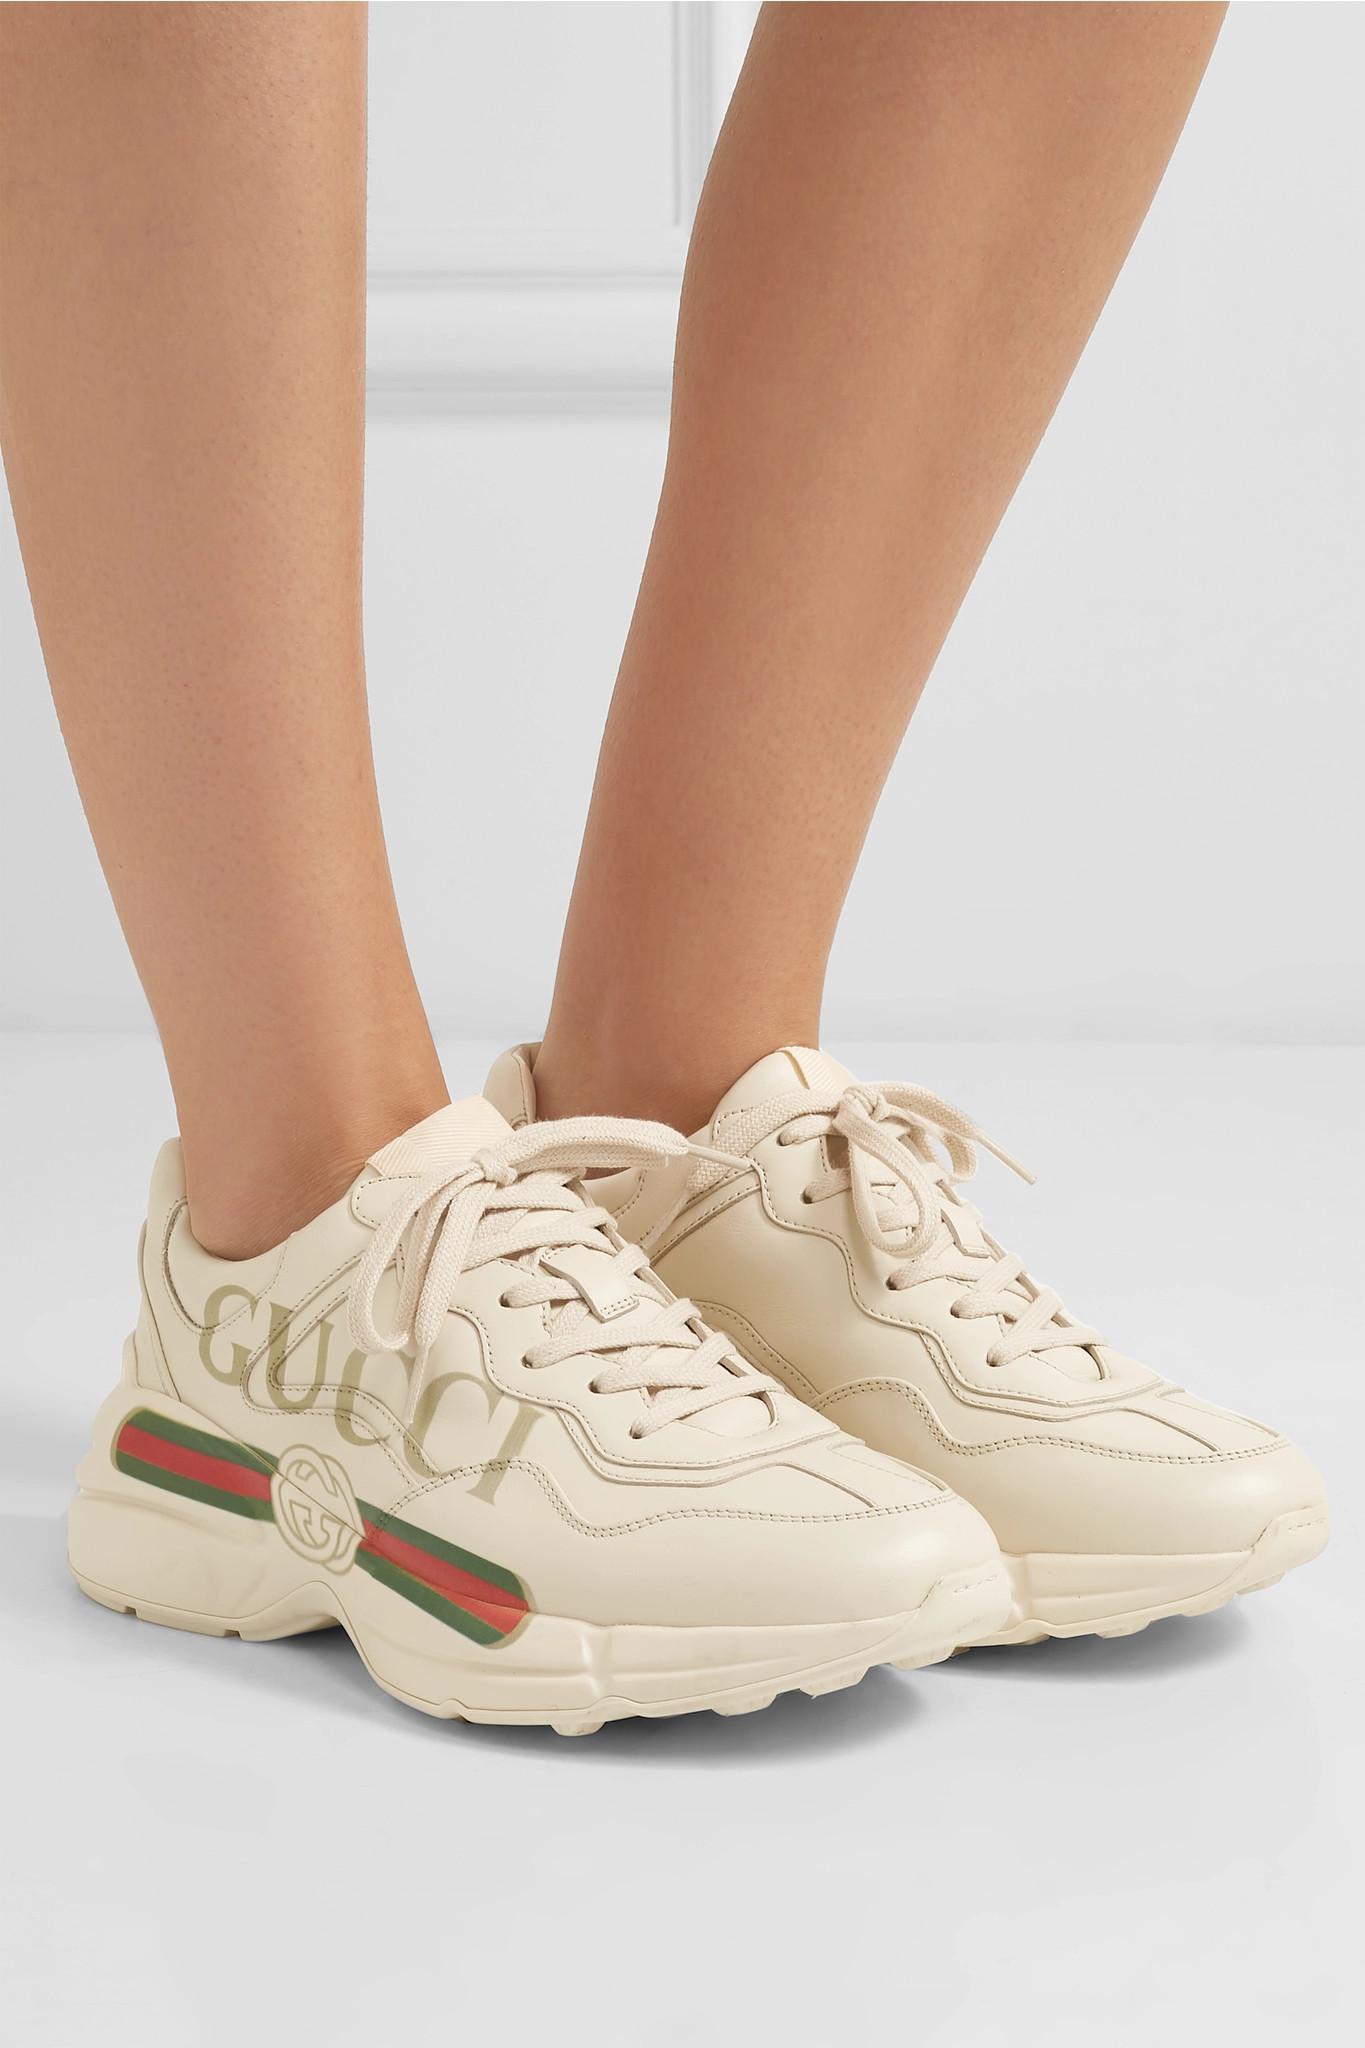 25e558616b8 Gucci - White Rhyton Logo-print Leather Sneakers - Lyst. View fullscreen